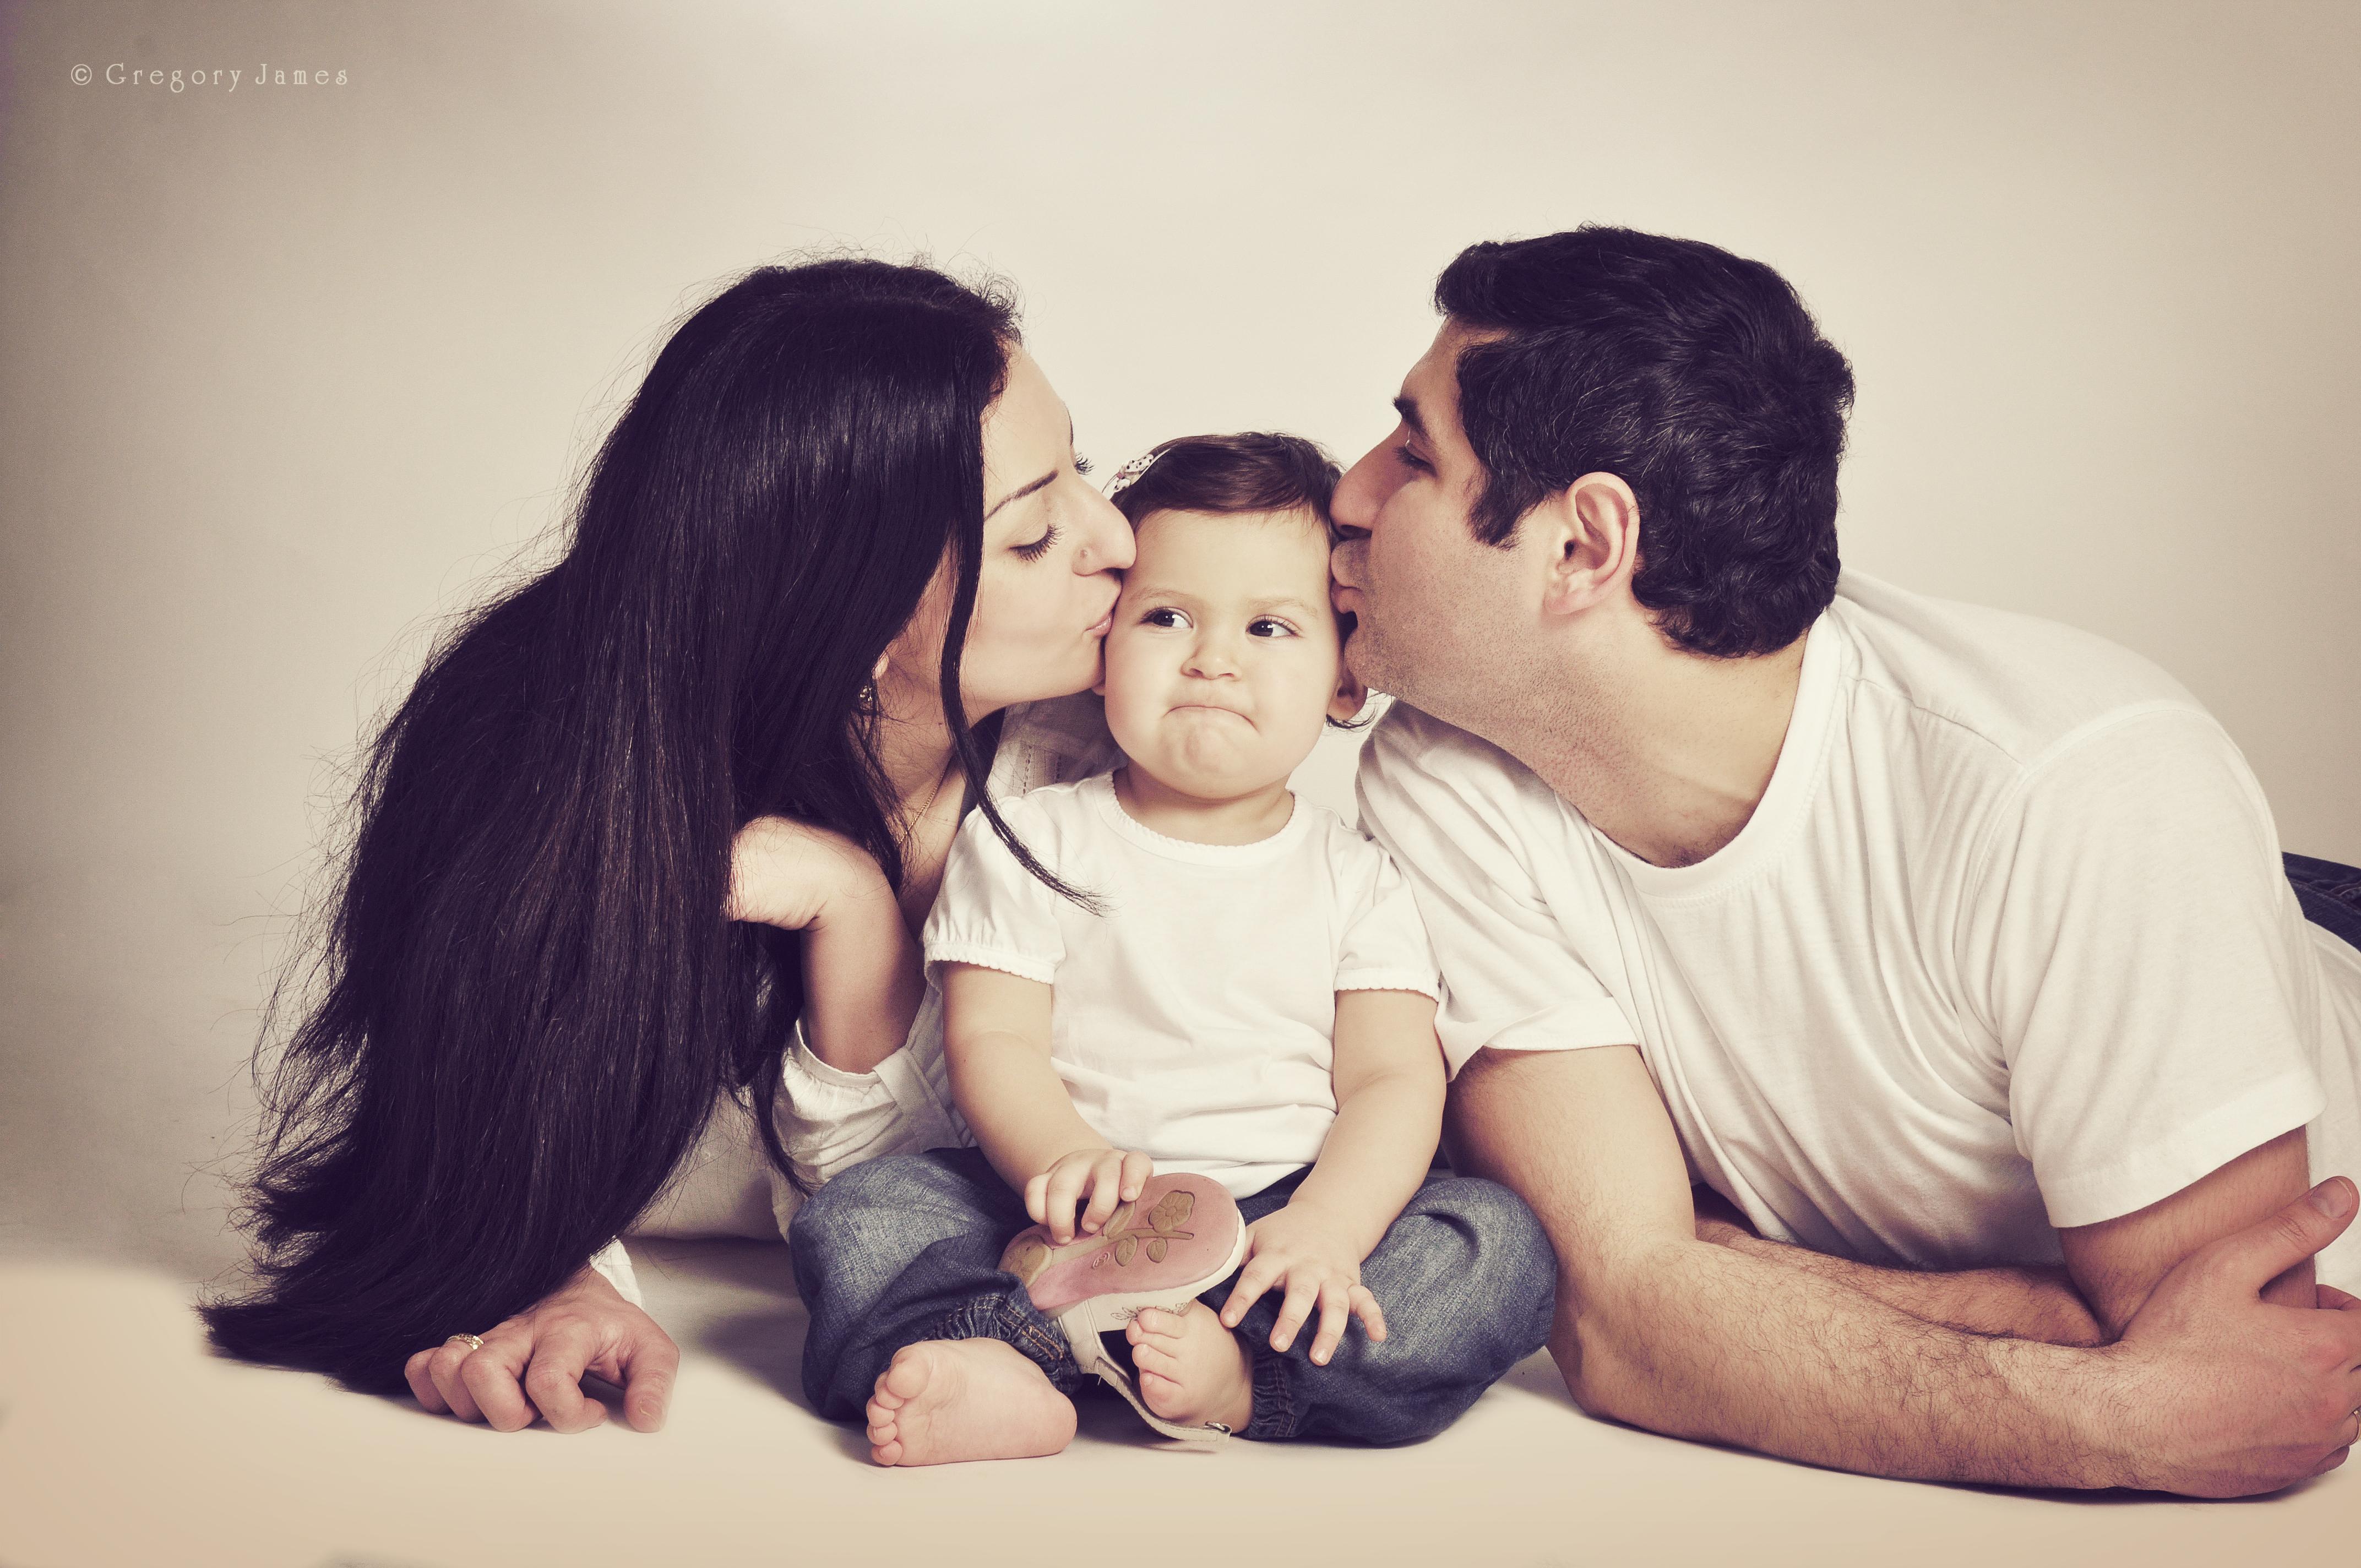 Семейные пары фото 6 фотография